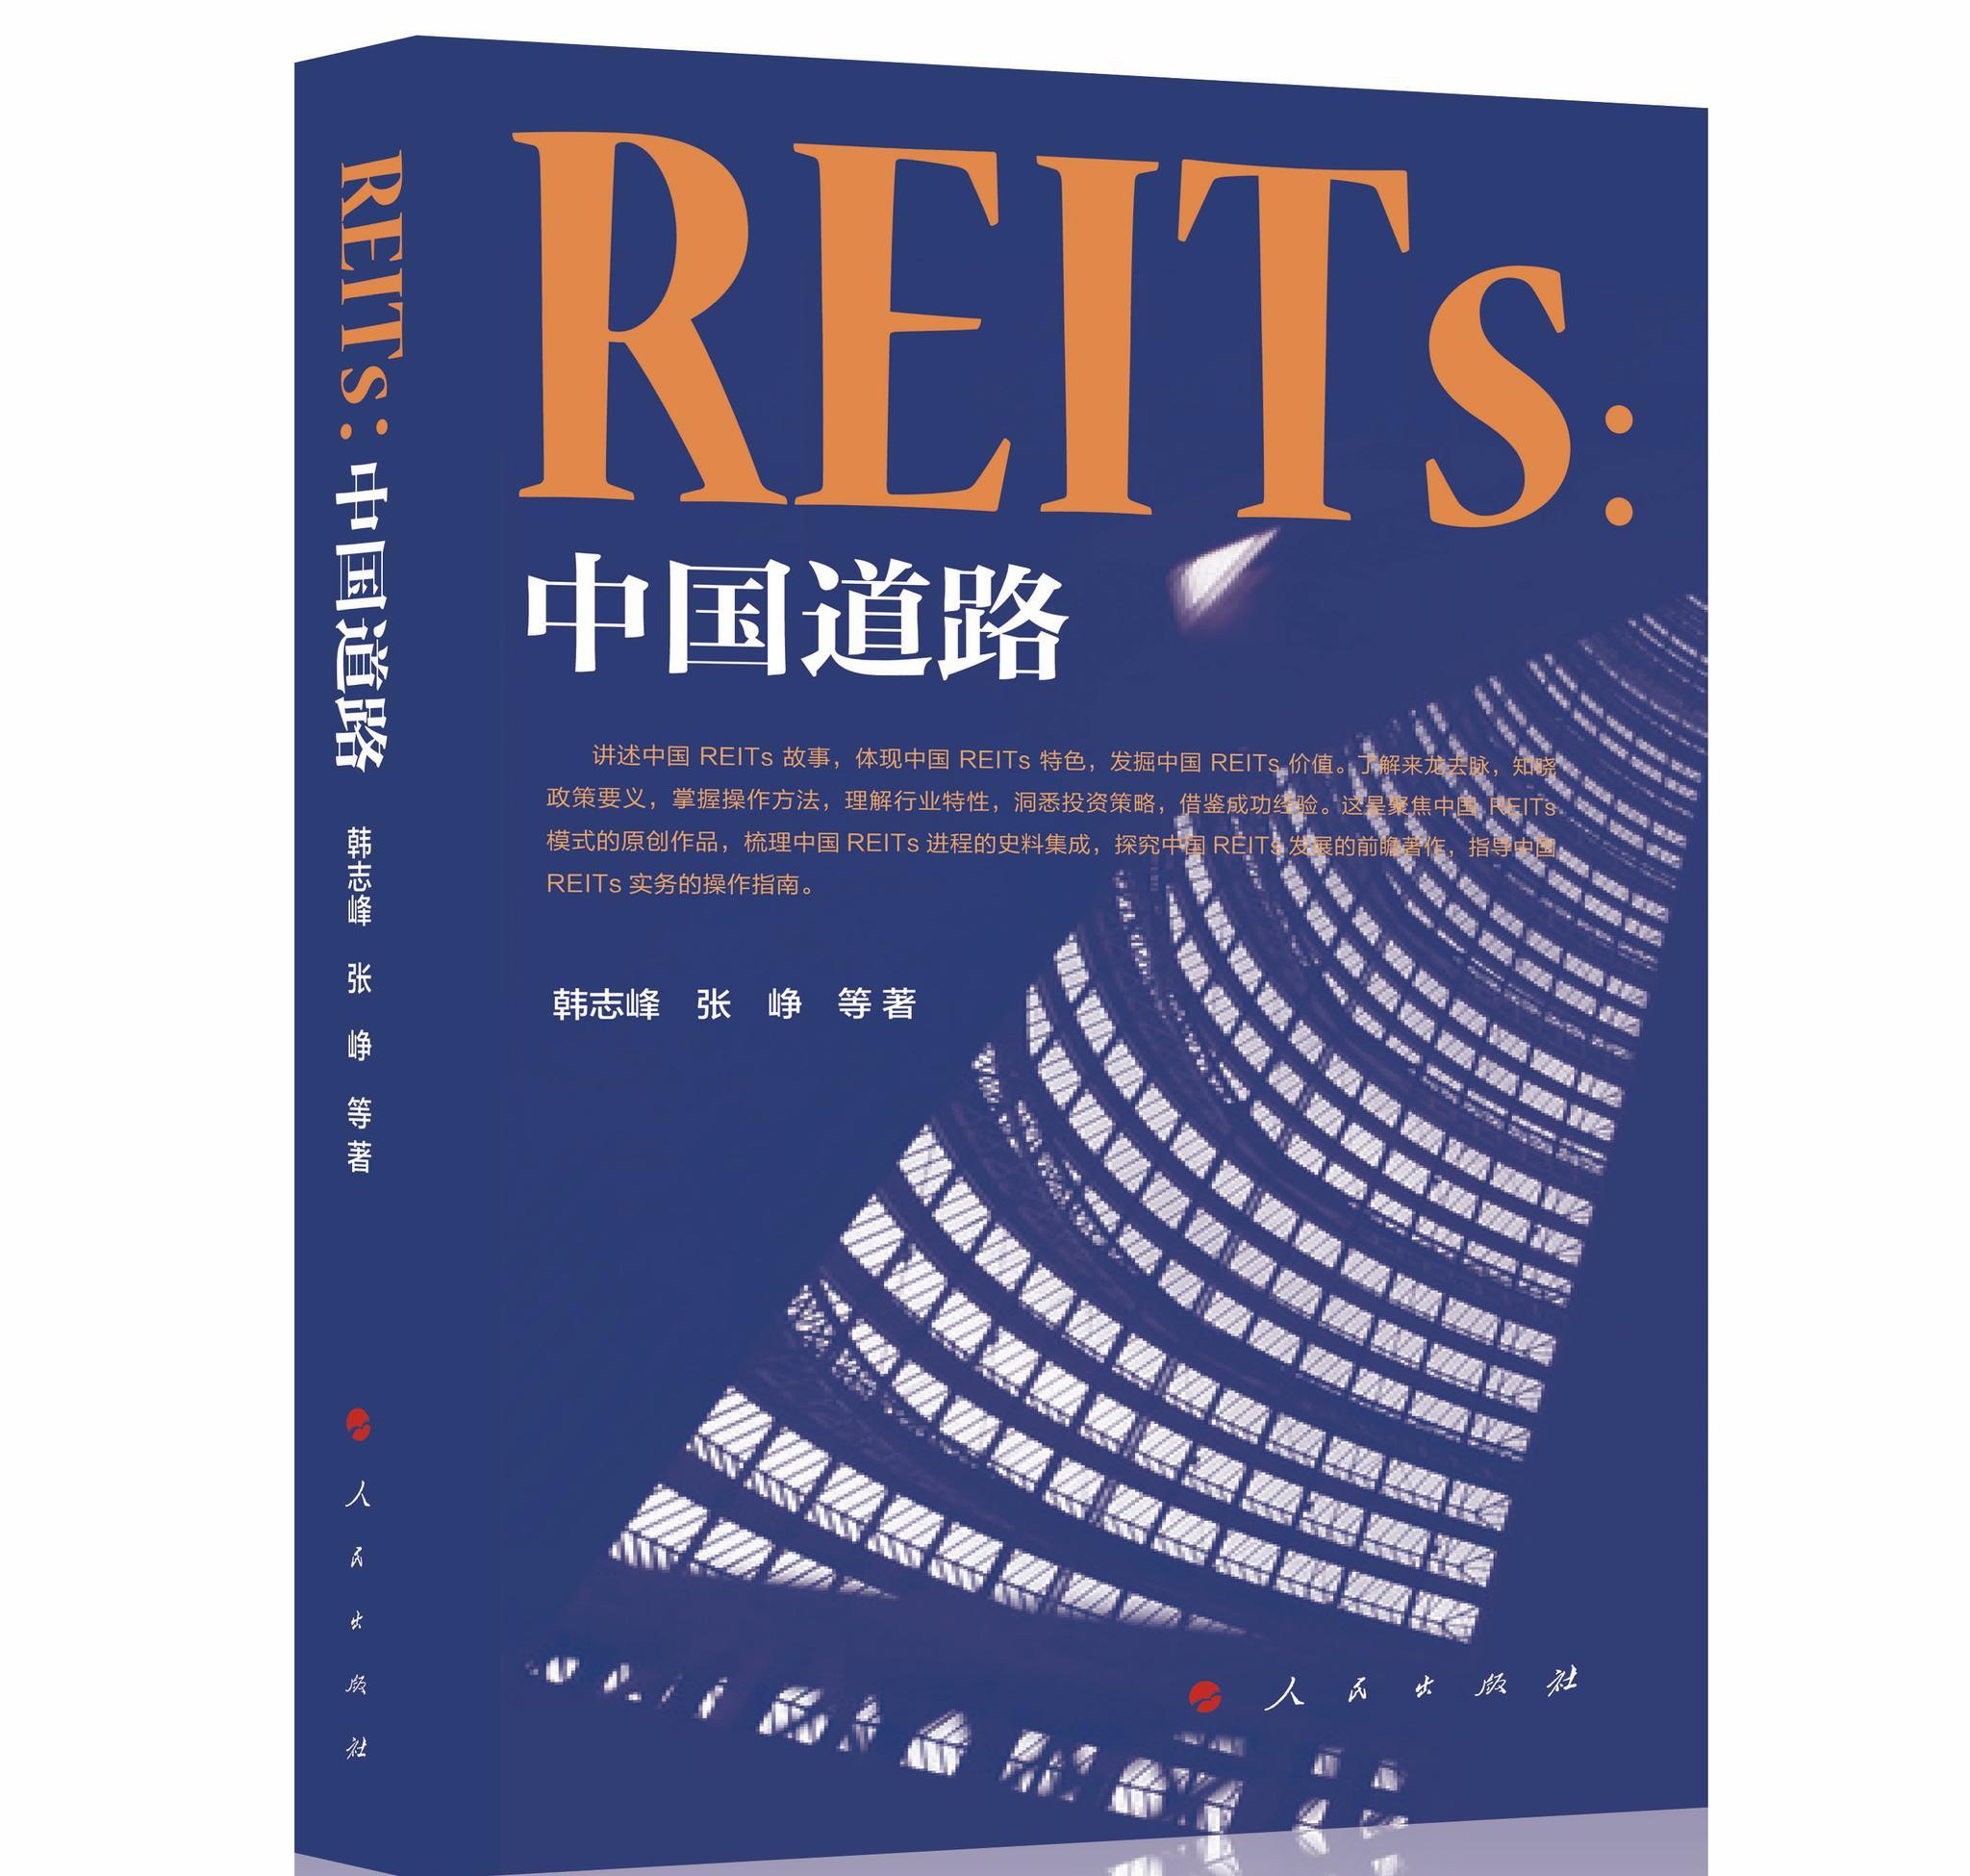 中国基础设施REITs:1096天的绽放——《REITs:中国道路》序